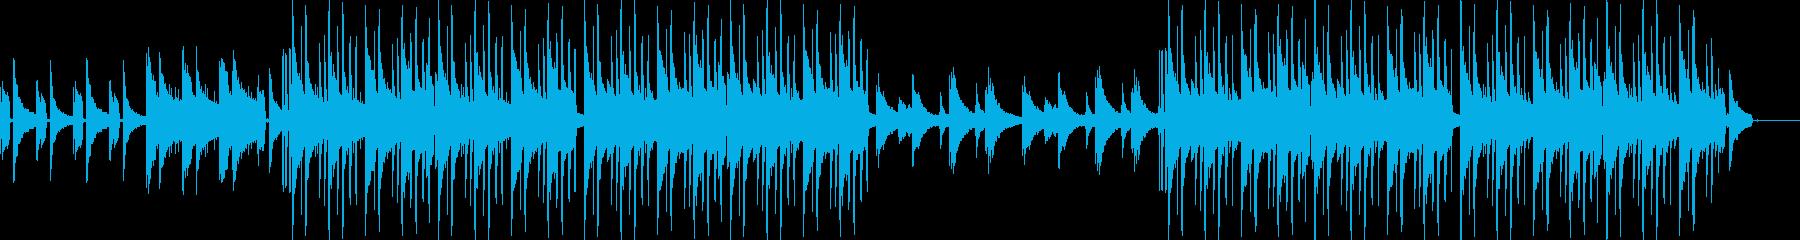 落ち着いた雰囲気のLofi HipHopの再生済みの波形